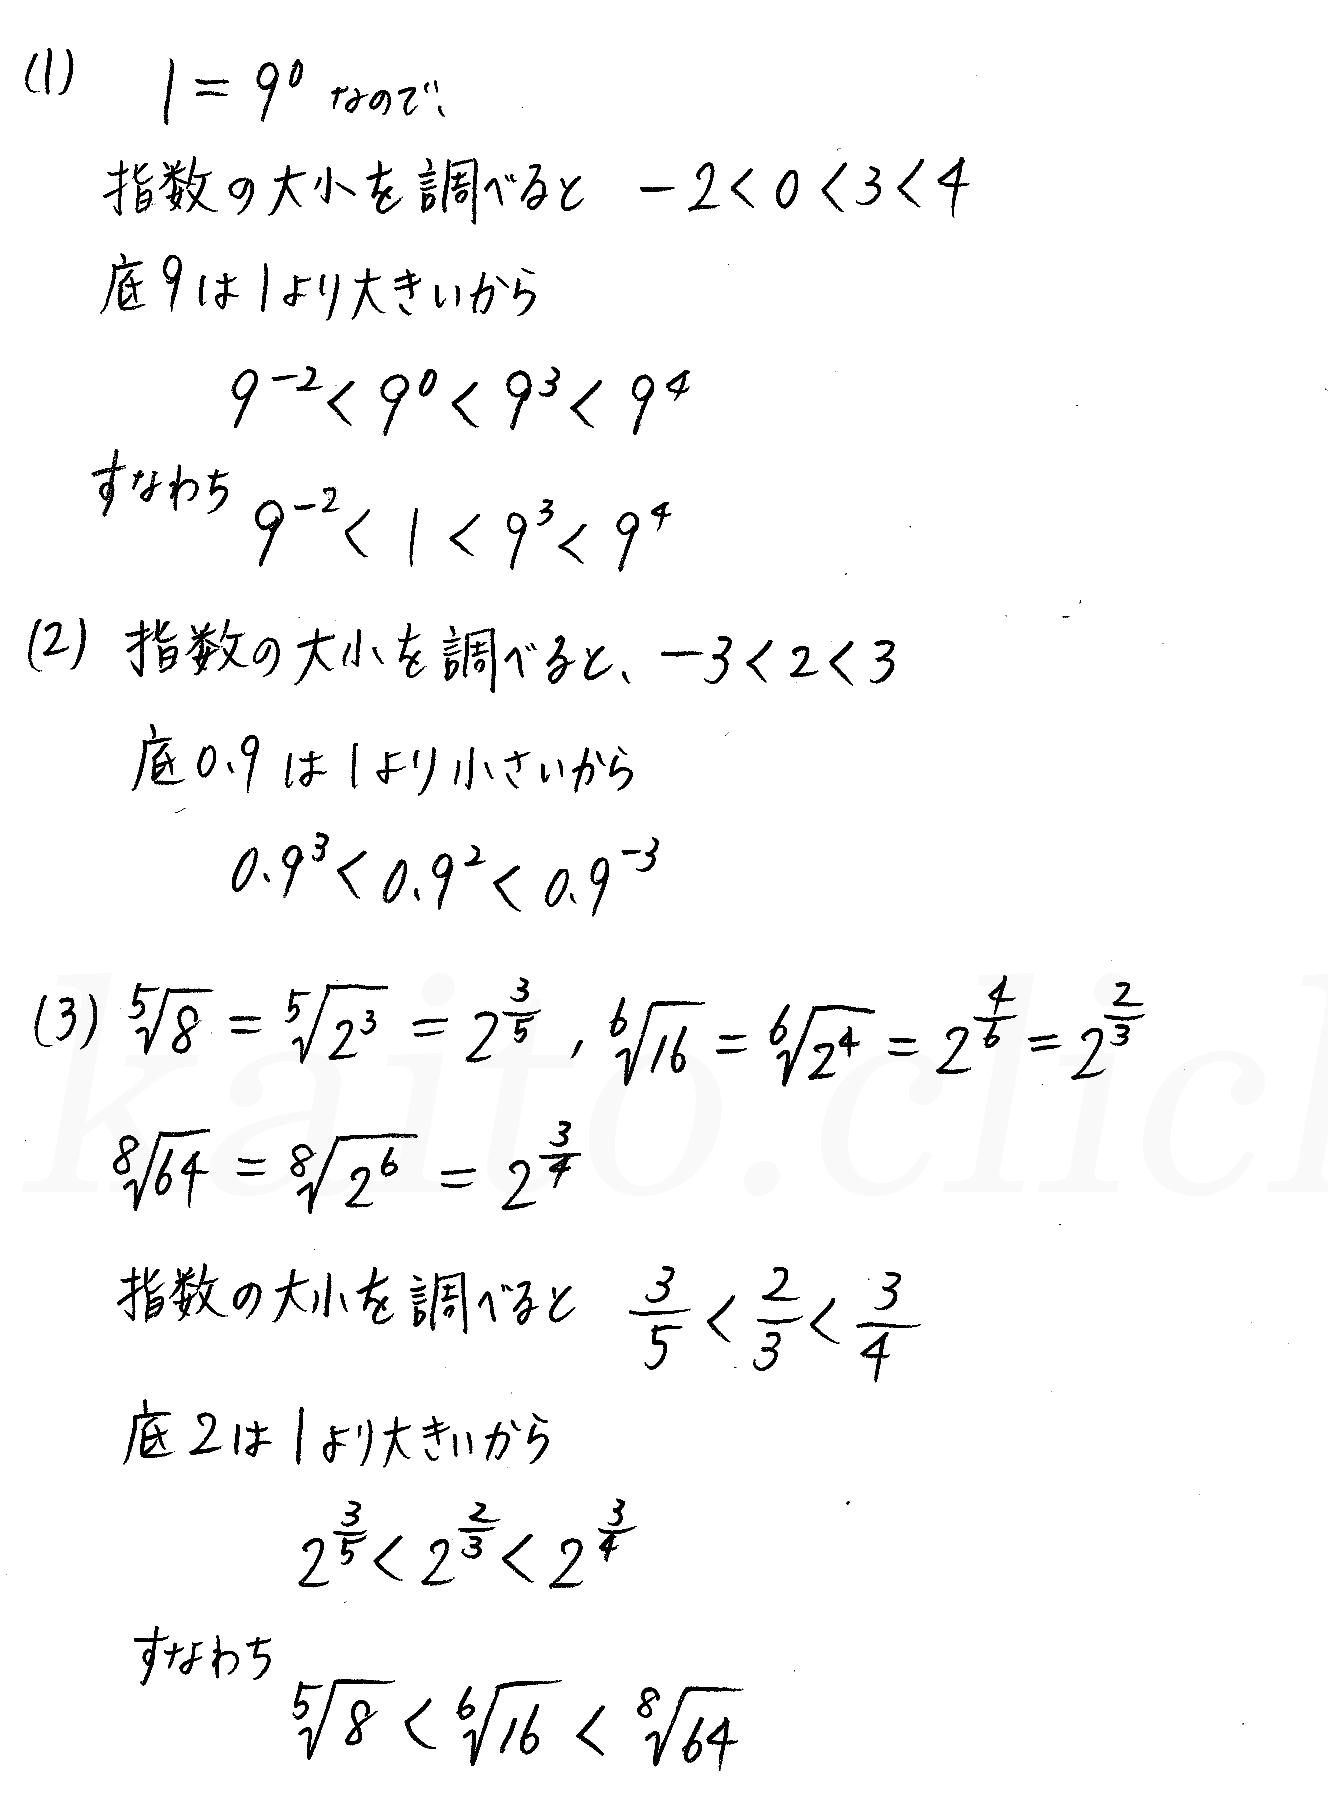 クリアー数学2-330解答